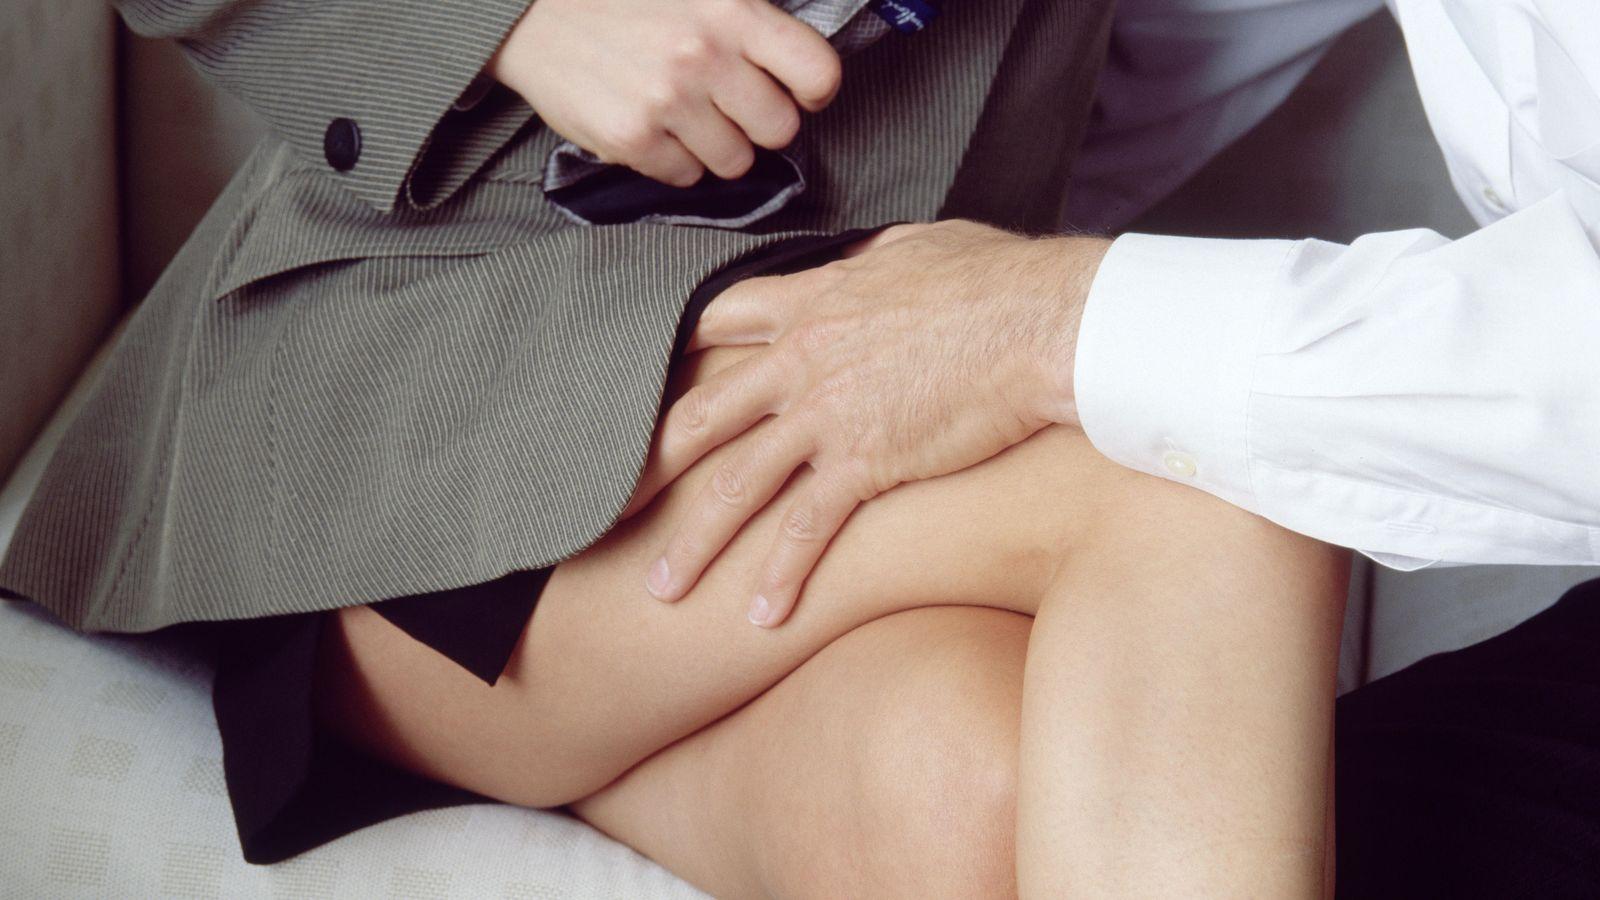 Фото мальчик трогает женщину